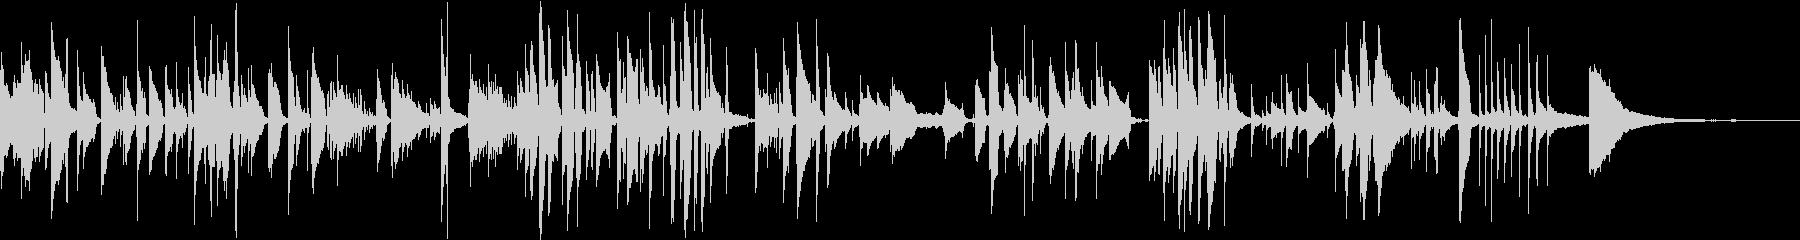 名曲「ふるさと」のソロギターアレンジの未再生の波形